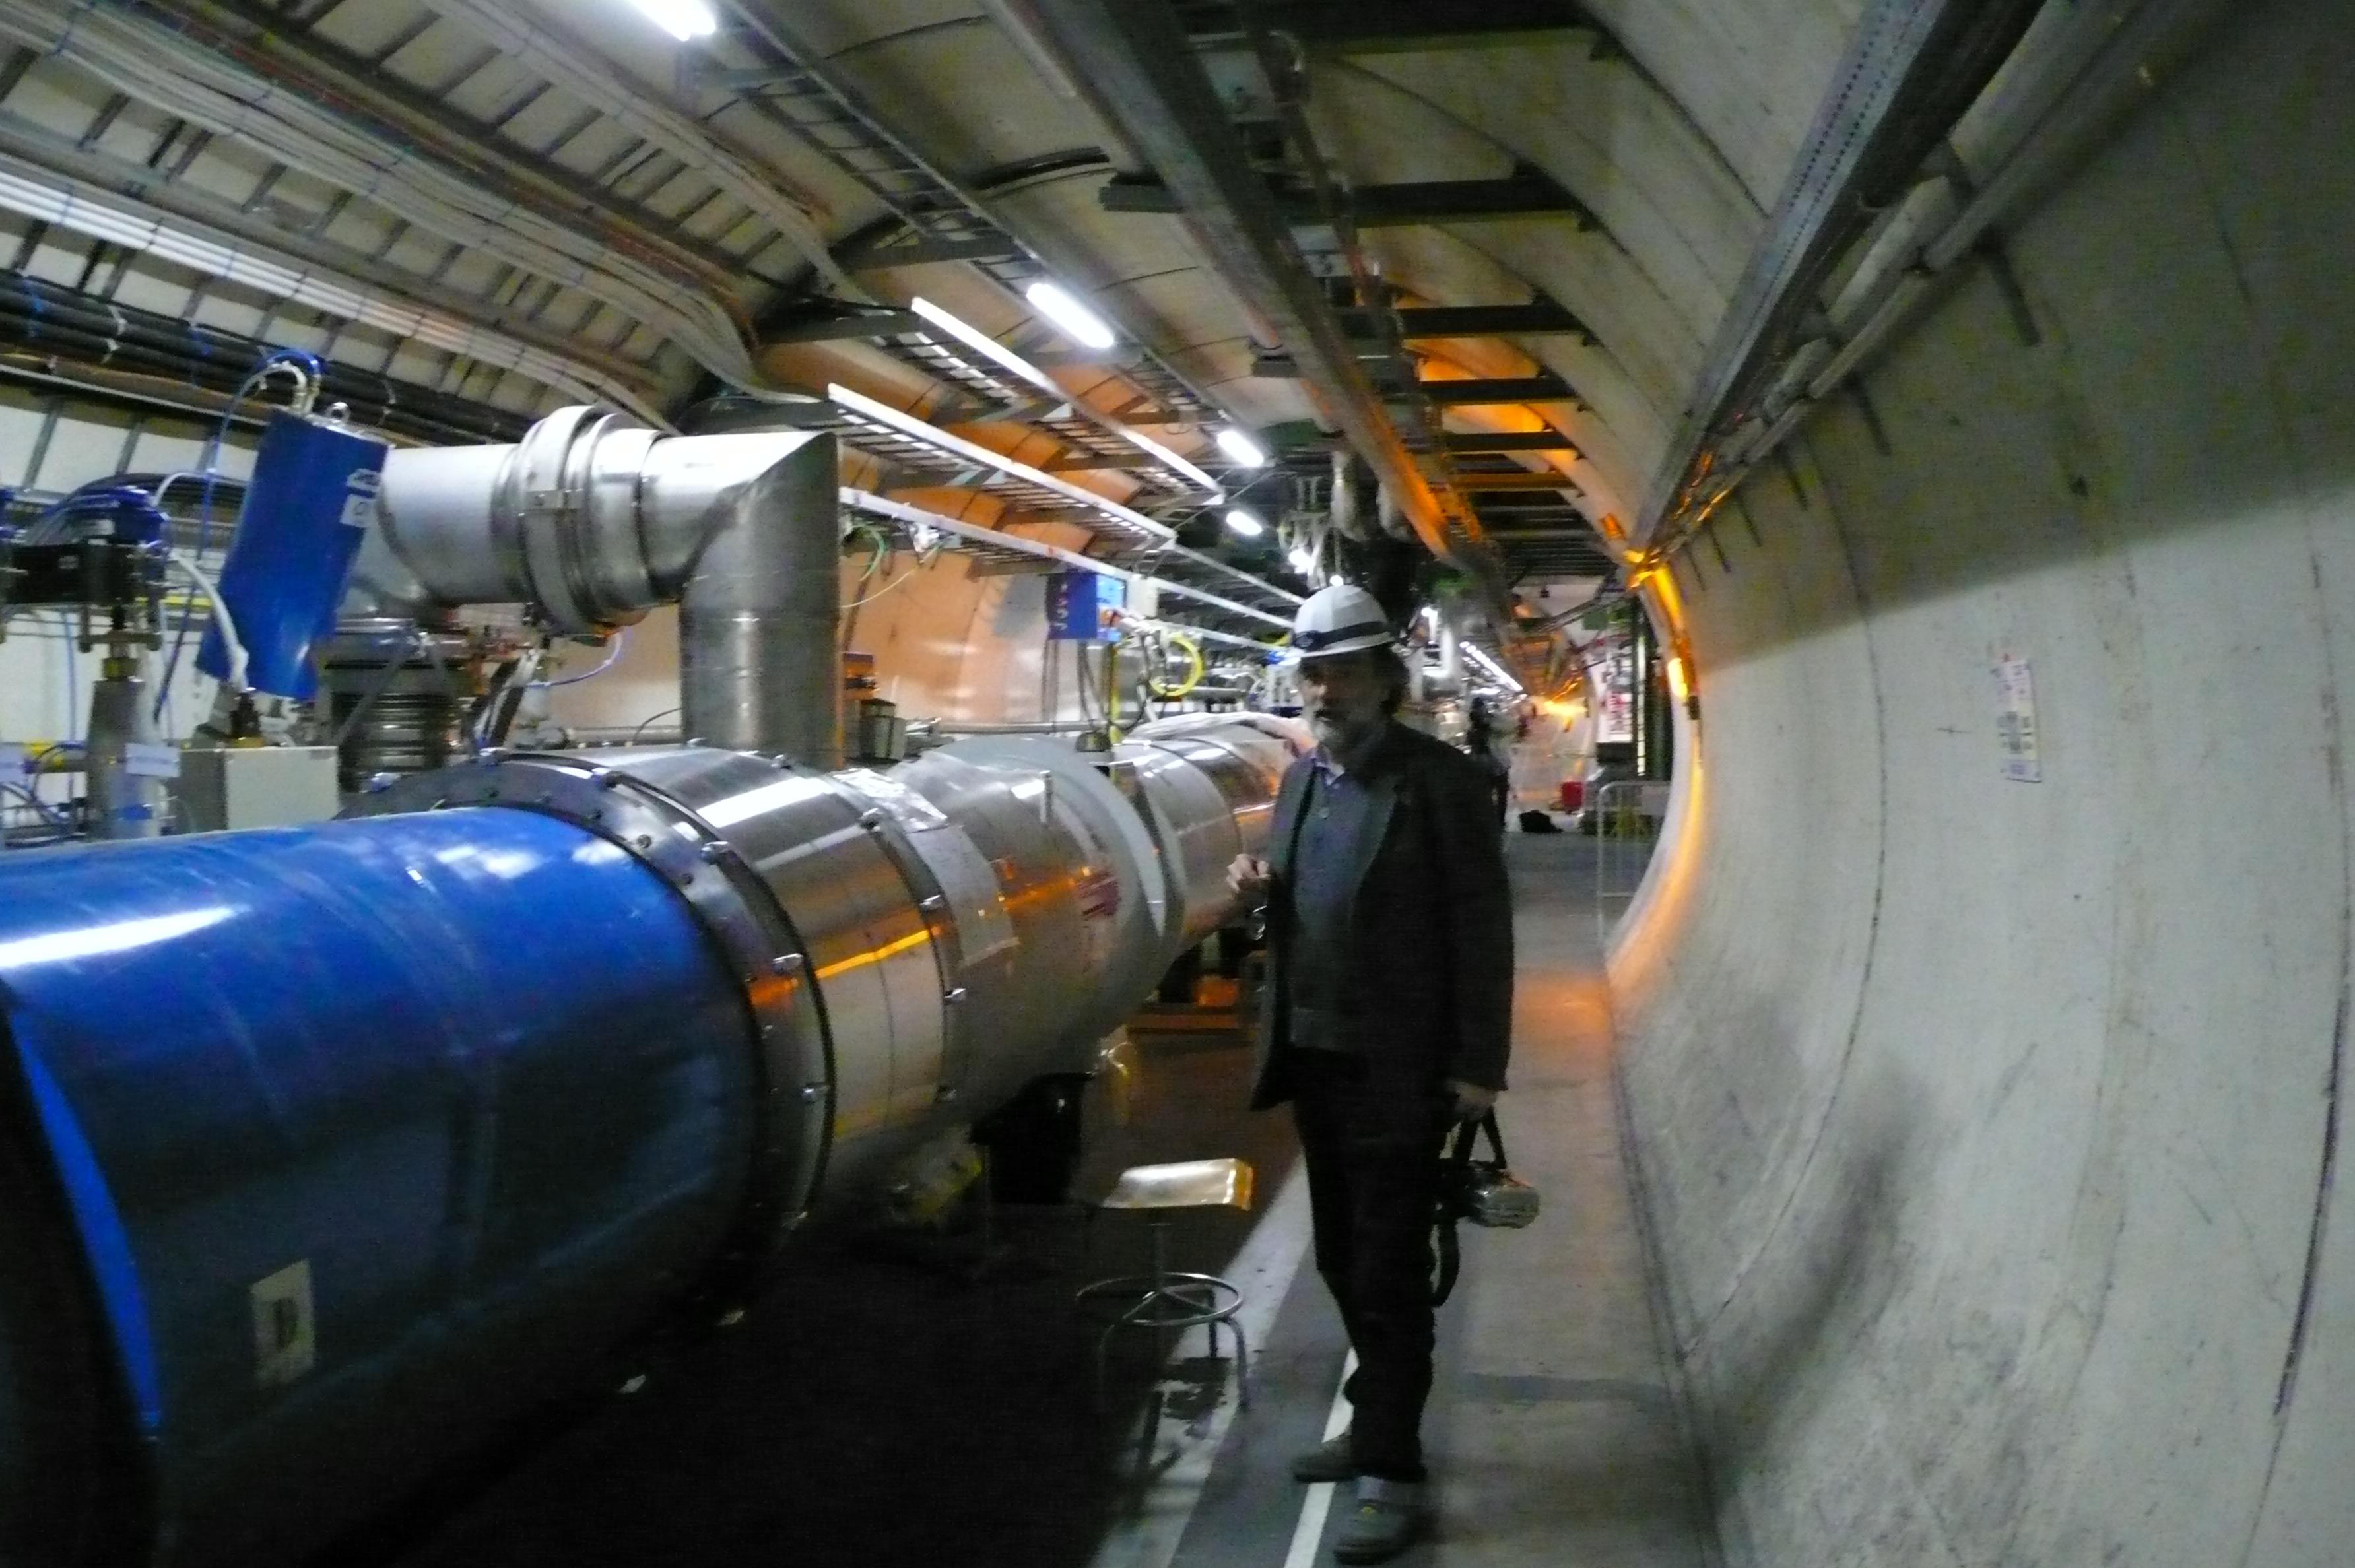 Différentes vues partielles du tunnel du LHC